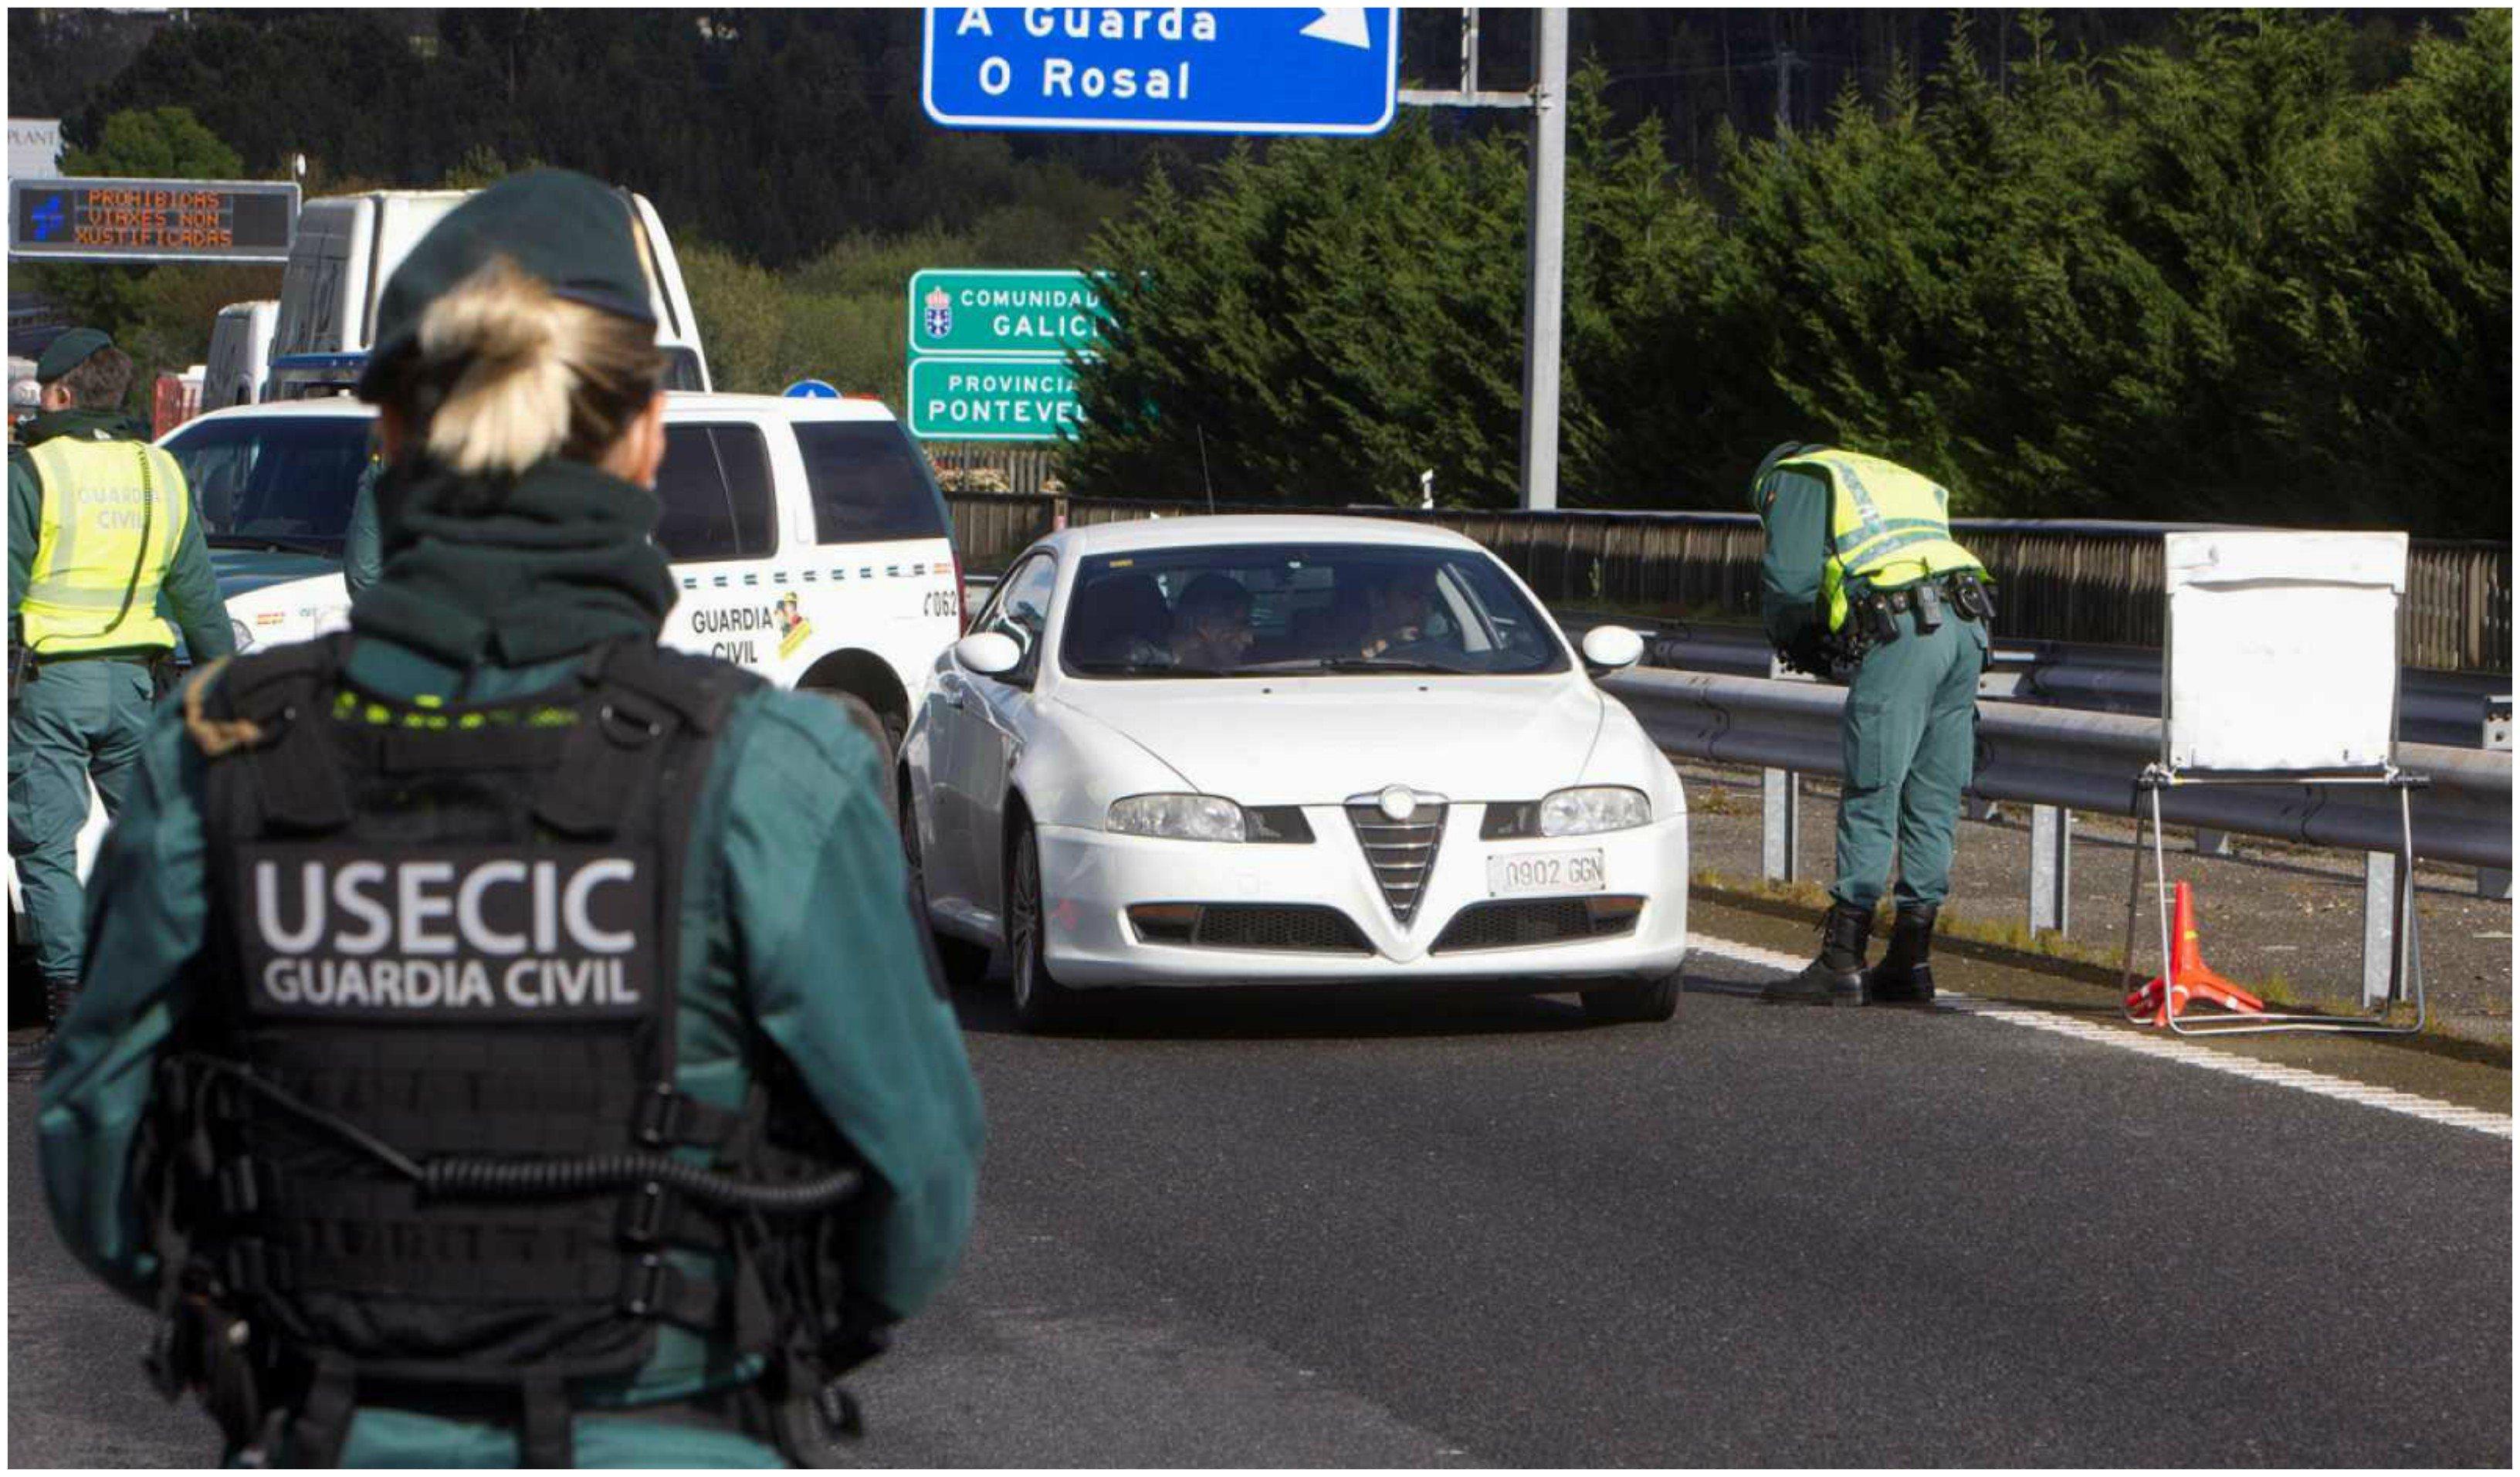 España restablece el control en las fronteras para frenar al coronavirus hasta que finalice el estado de alarma